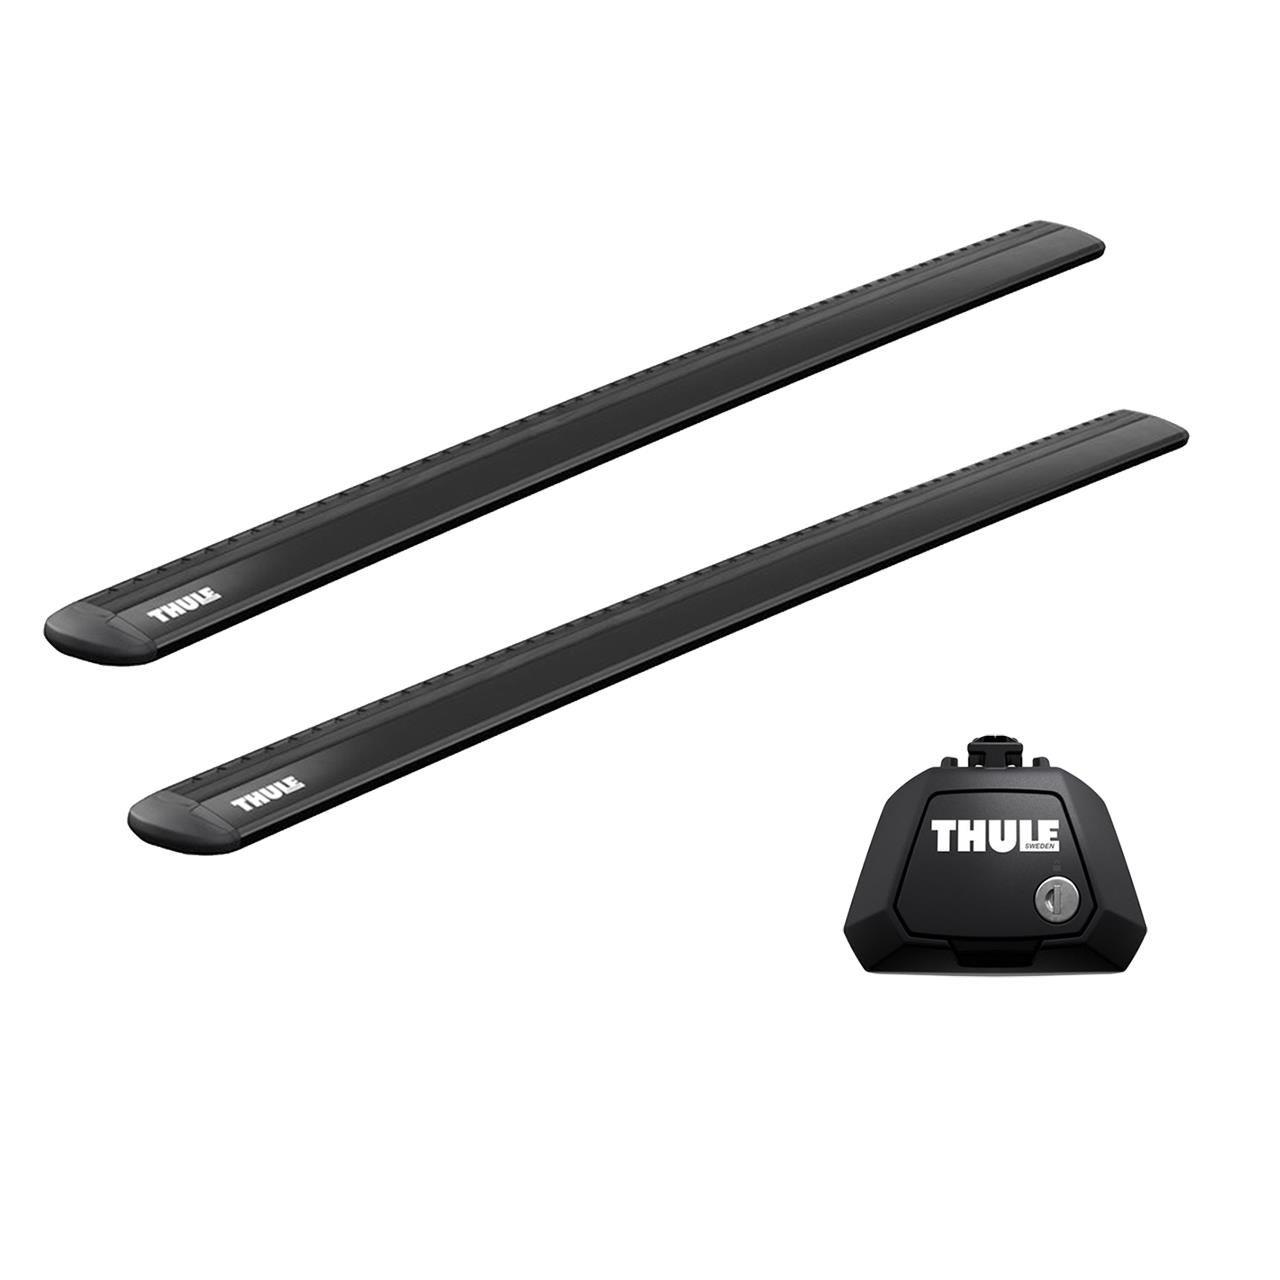 Напречни греди Thule Evo Raised Rail WingBar Evo 127cm в Черно за FIAT Panda 5 врати Hatchback 03-11 с фабрични надлъжни греди с просвет 1